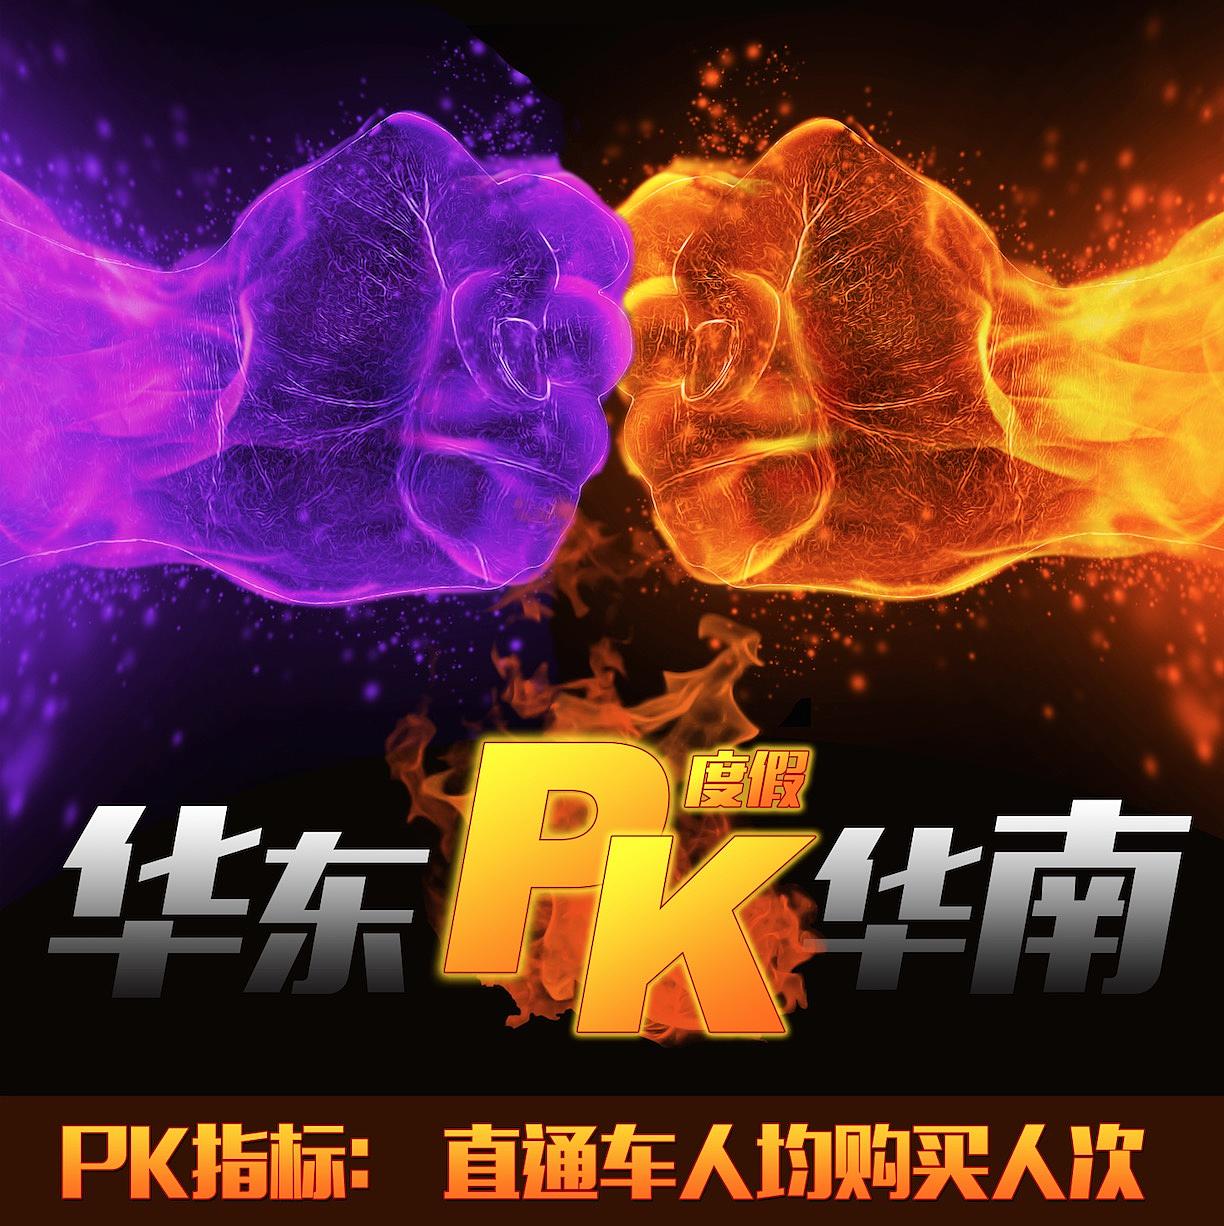 团队视频_销售团队PK赛海报|平面|海报|好S之徒 - 原创作品 - 站酷 (ZCOOL)